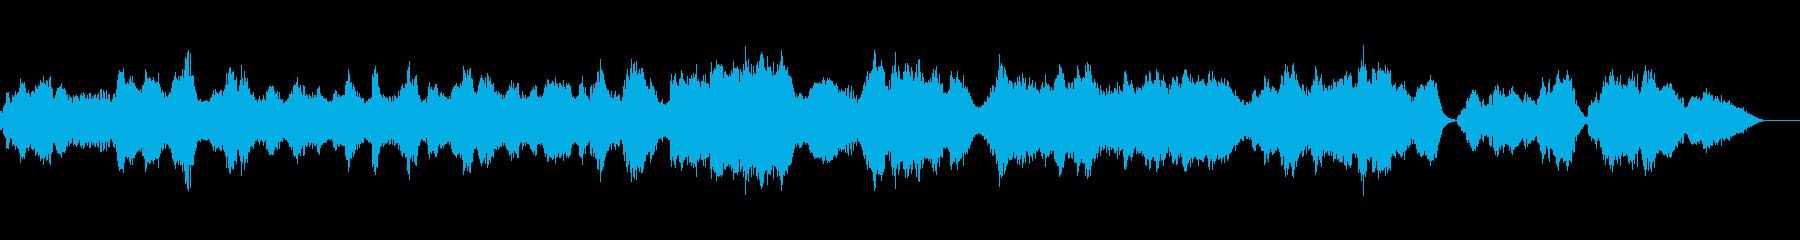 RV356_2『ラルゴ』ヴィヴァルディの再生済みの波形